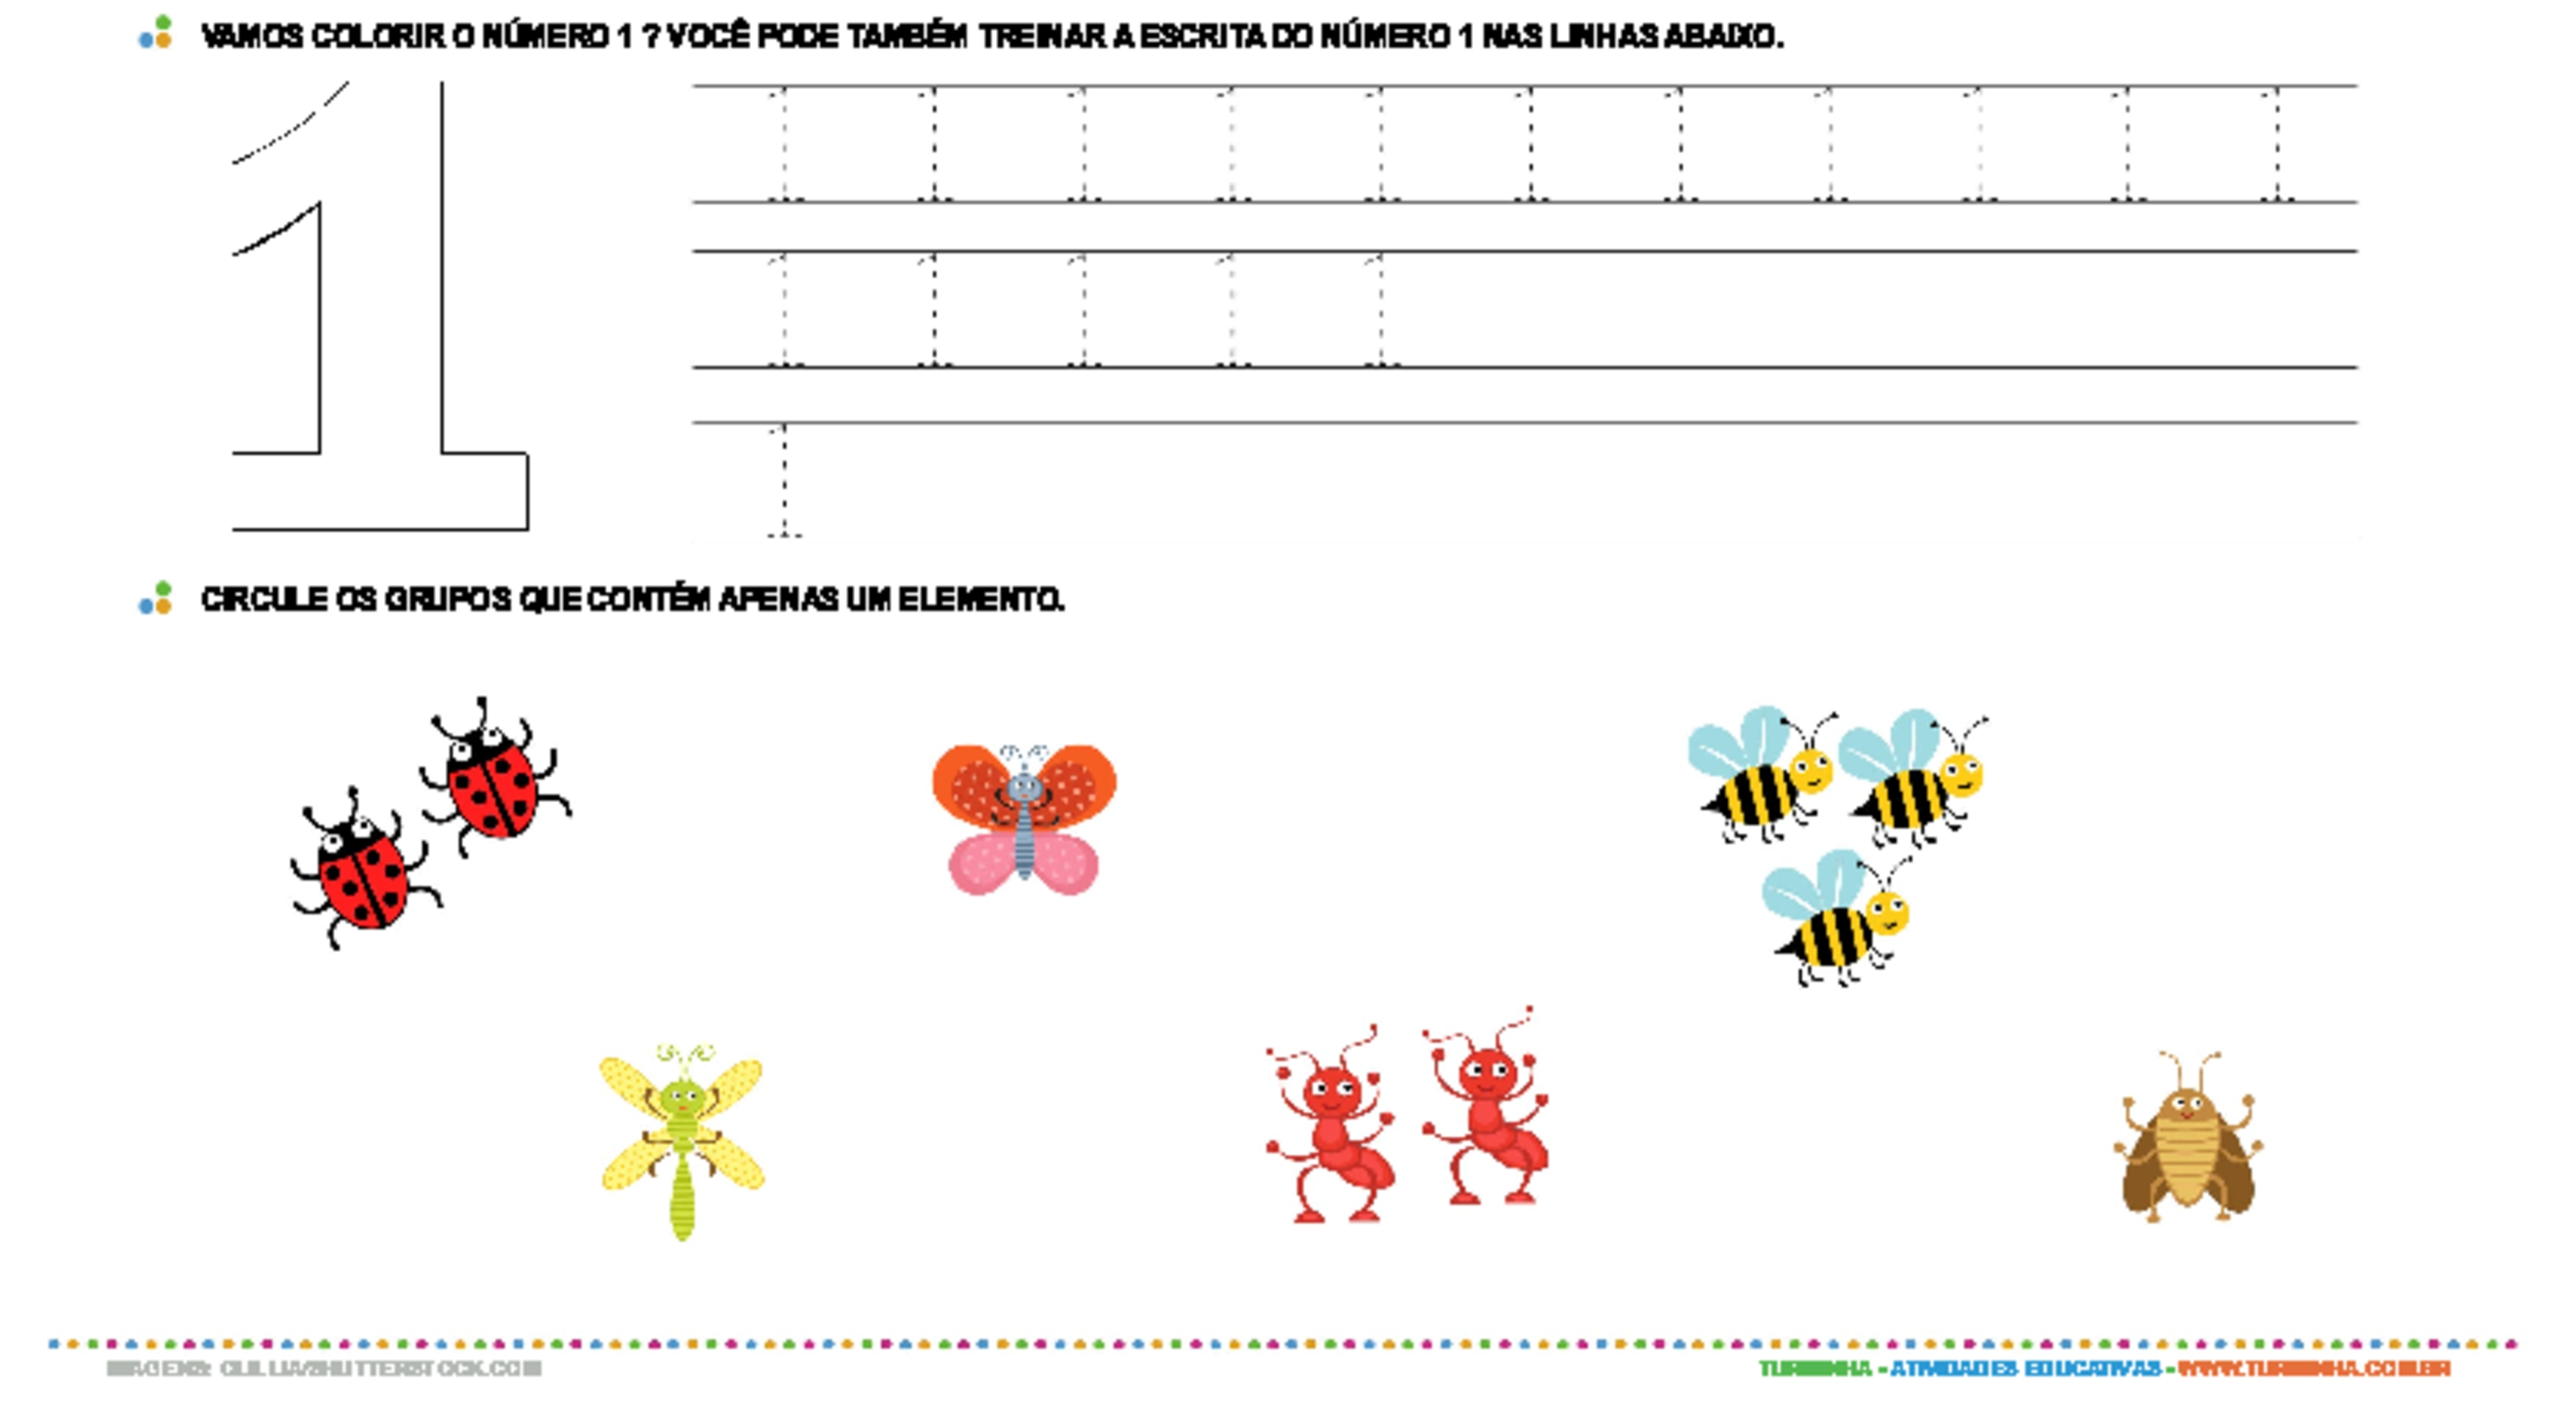 Aprendendo o número 1 - atividade educativa para Creche (0 a 3 anos)